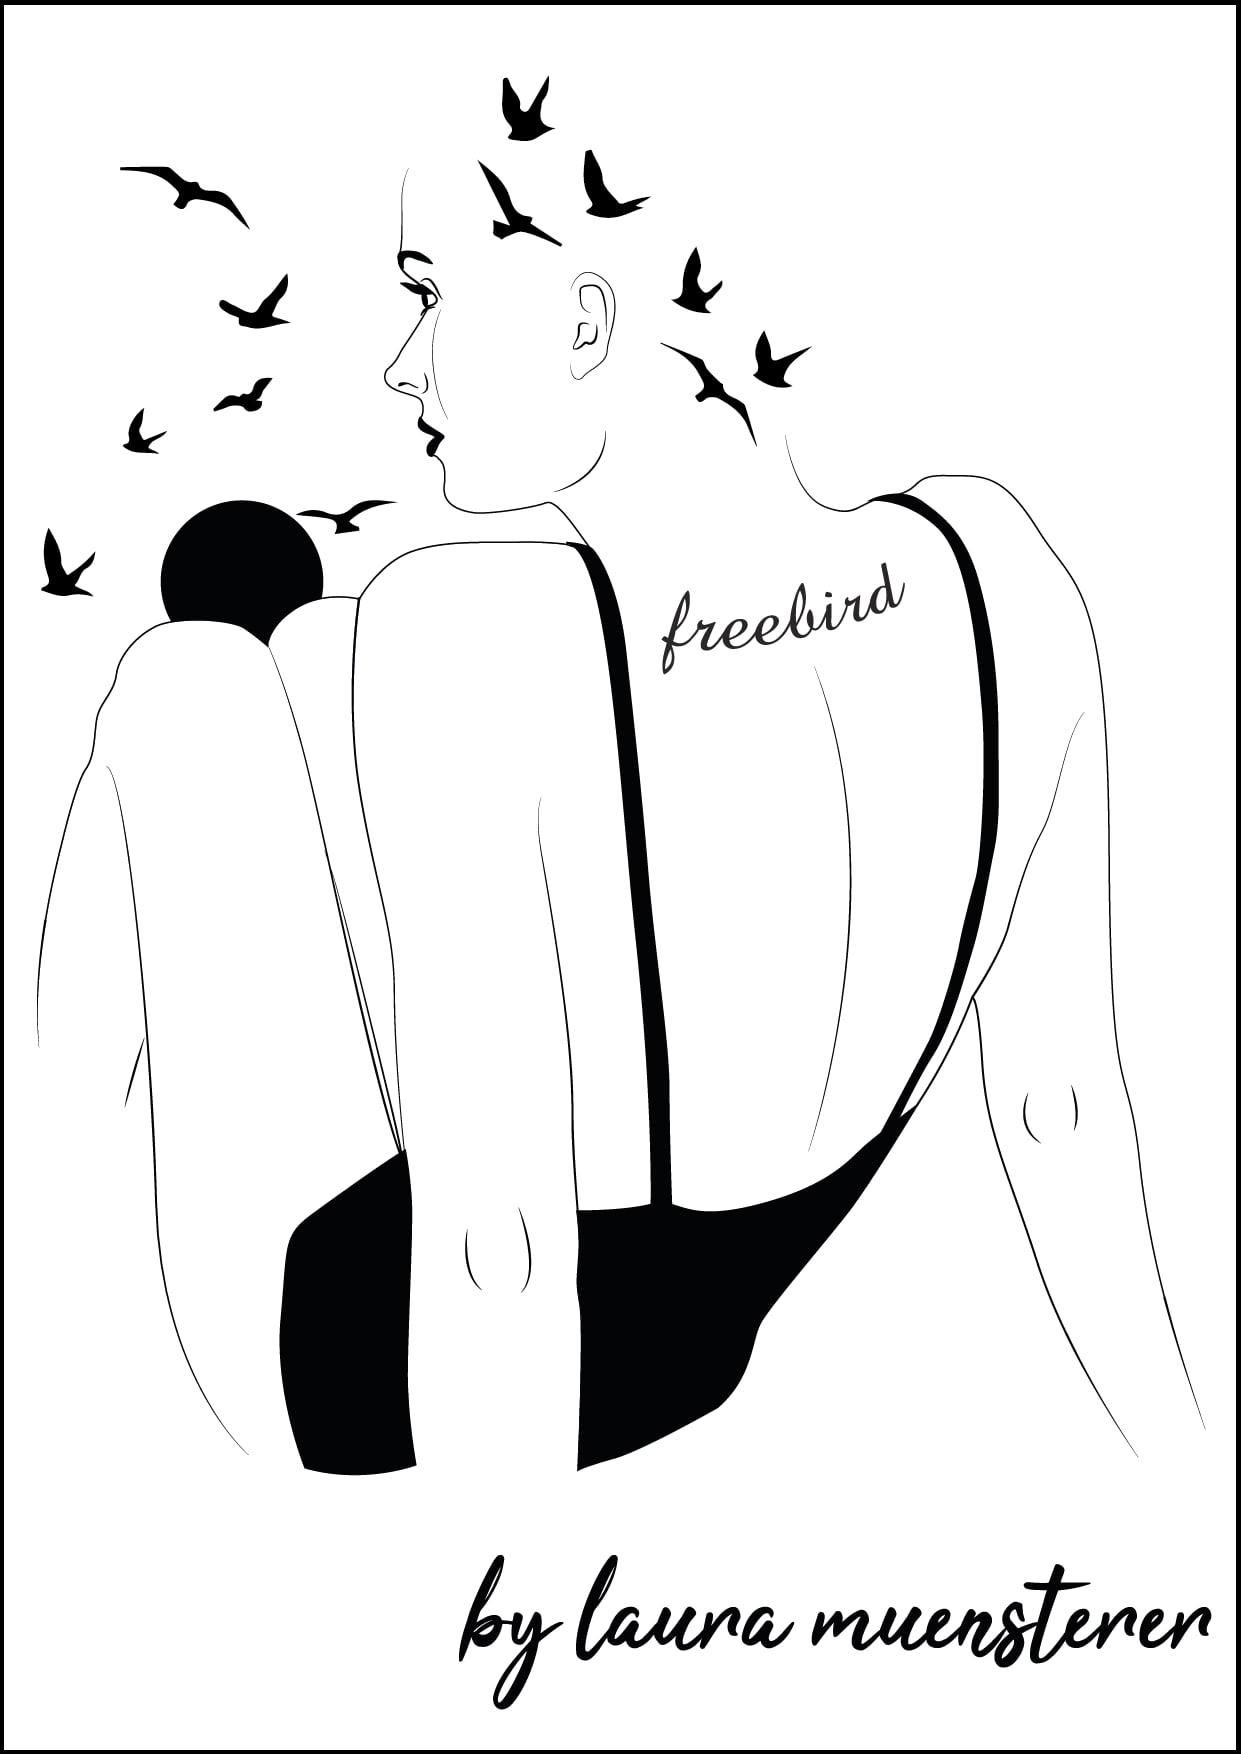 Laura Muensterer, book, freebird